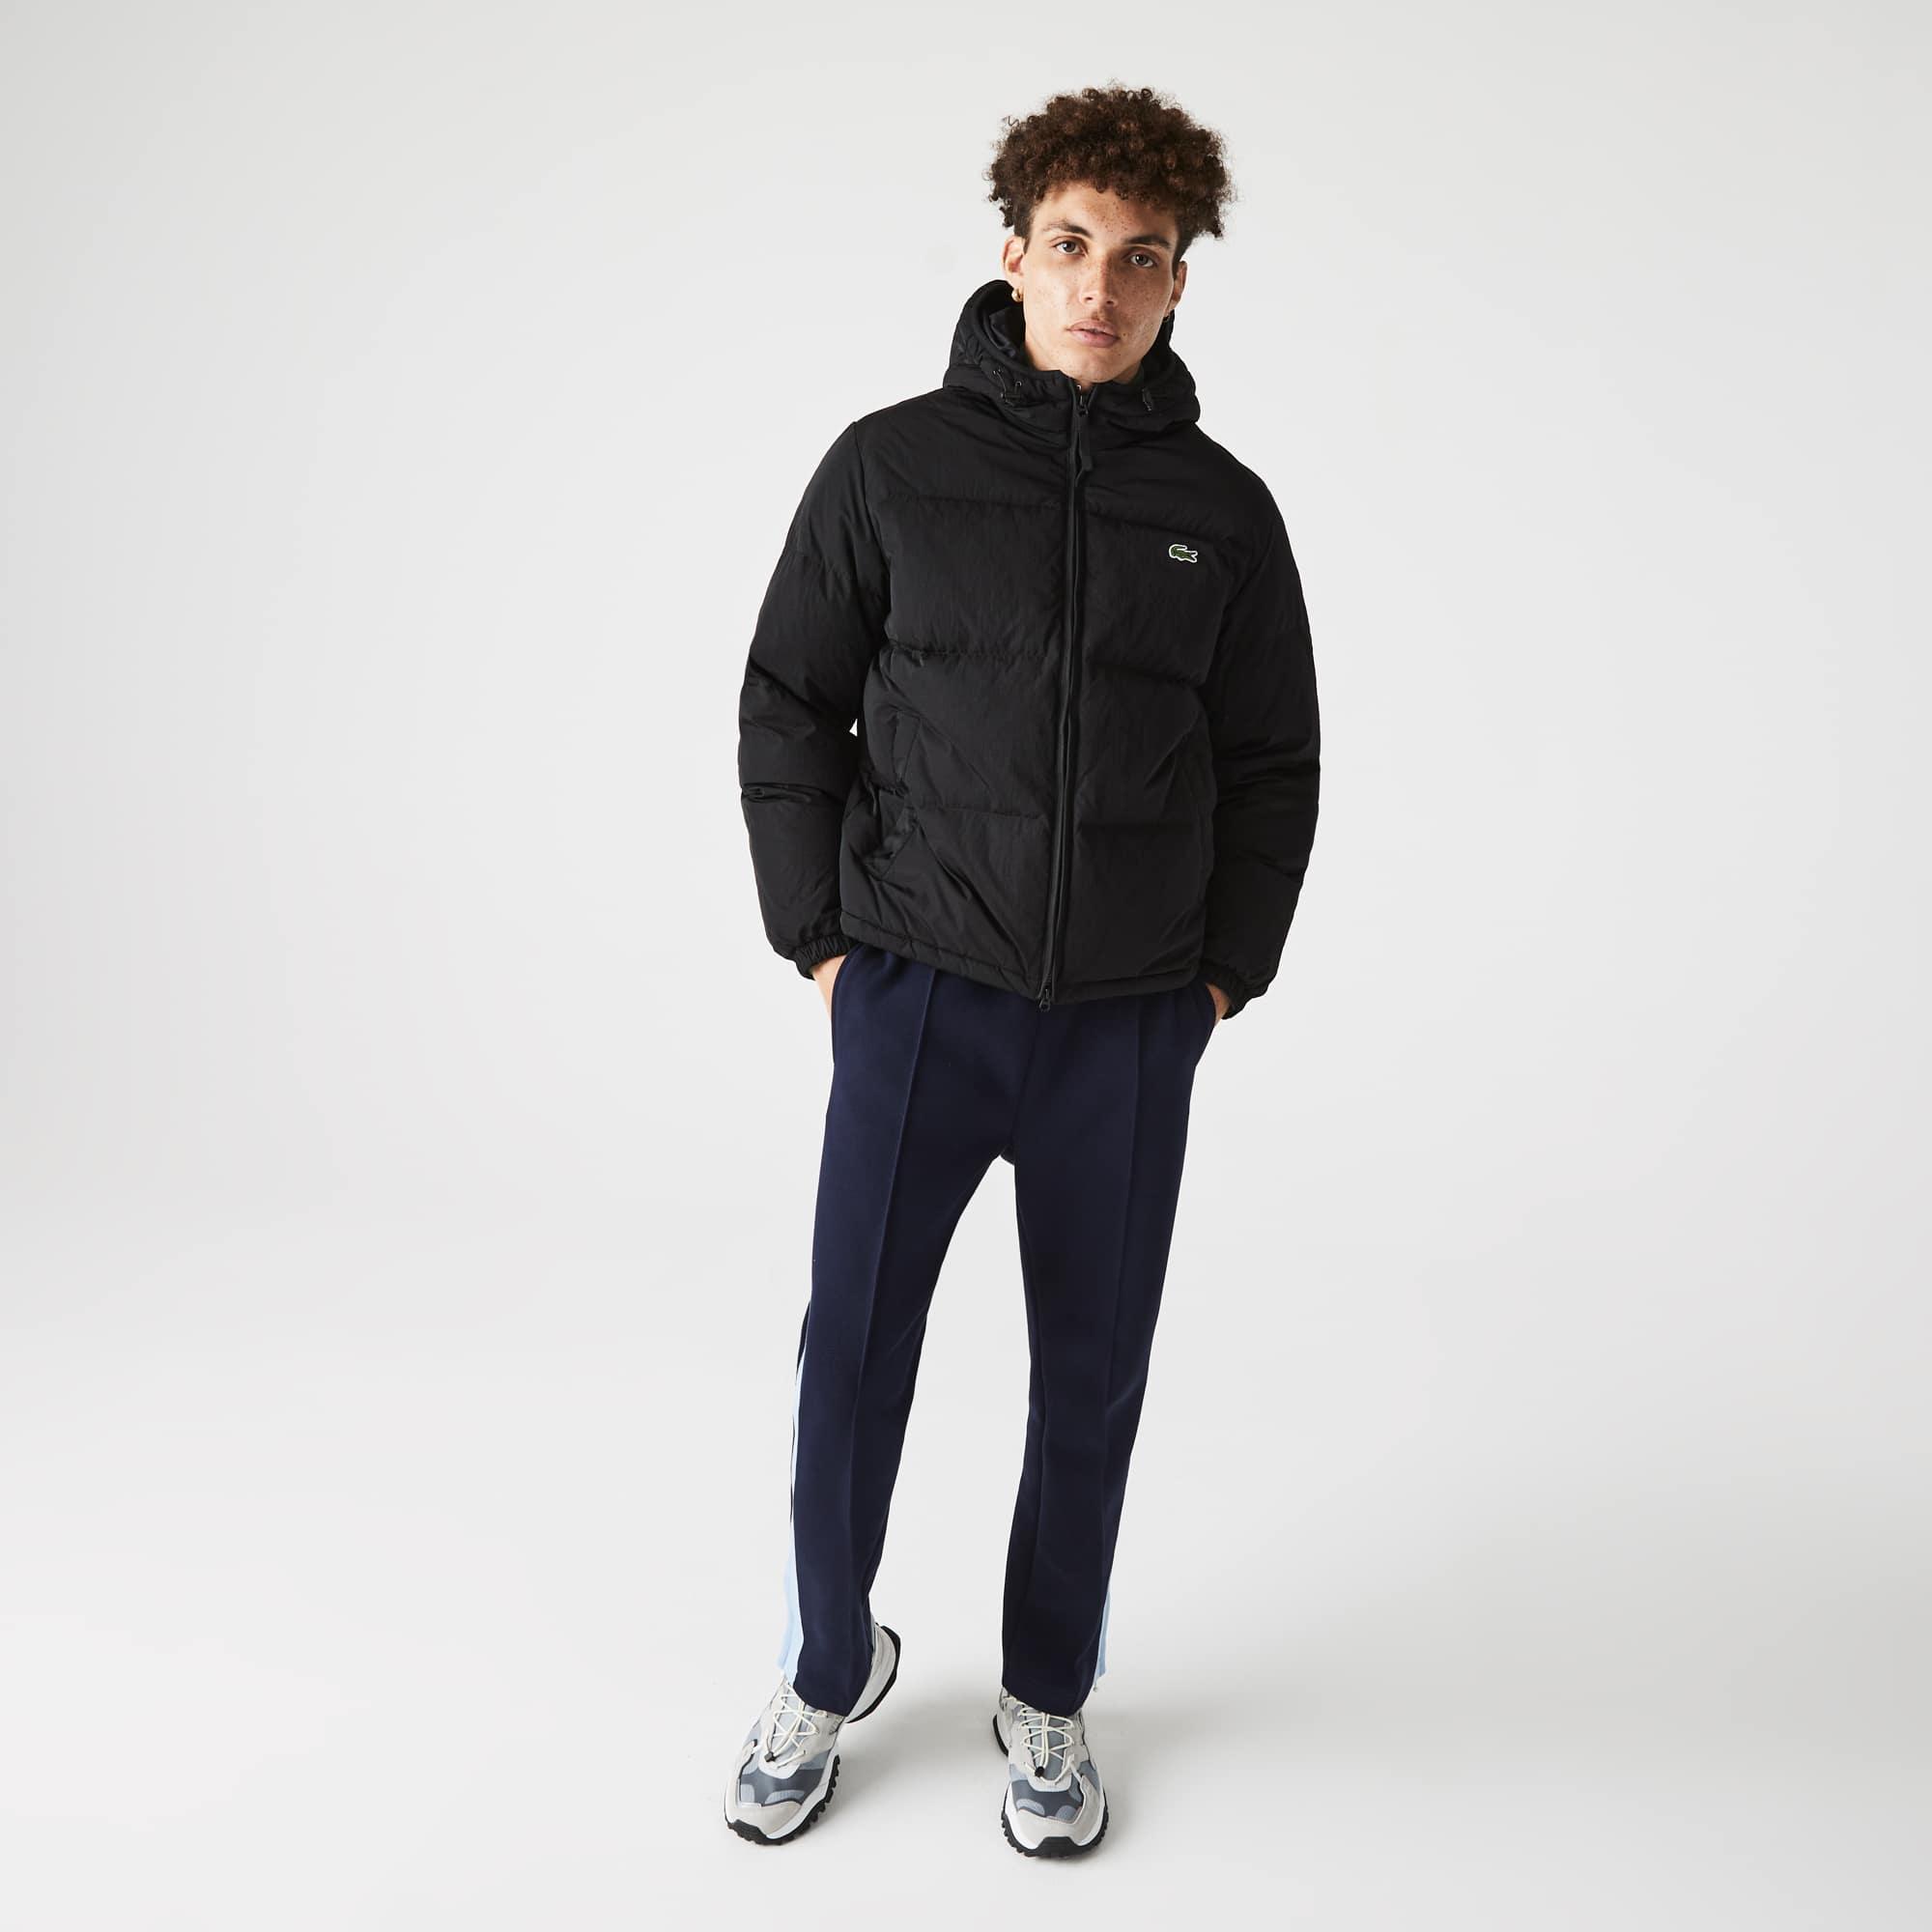 라코스테 맨 경량 발수 숏패딩 Lacoste Mens Short Lightweight Water-Resistant Puffer Coat